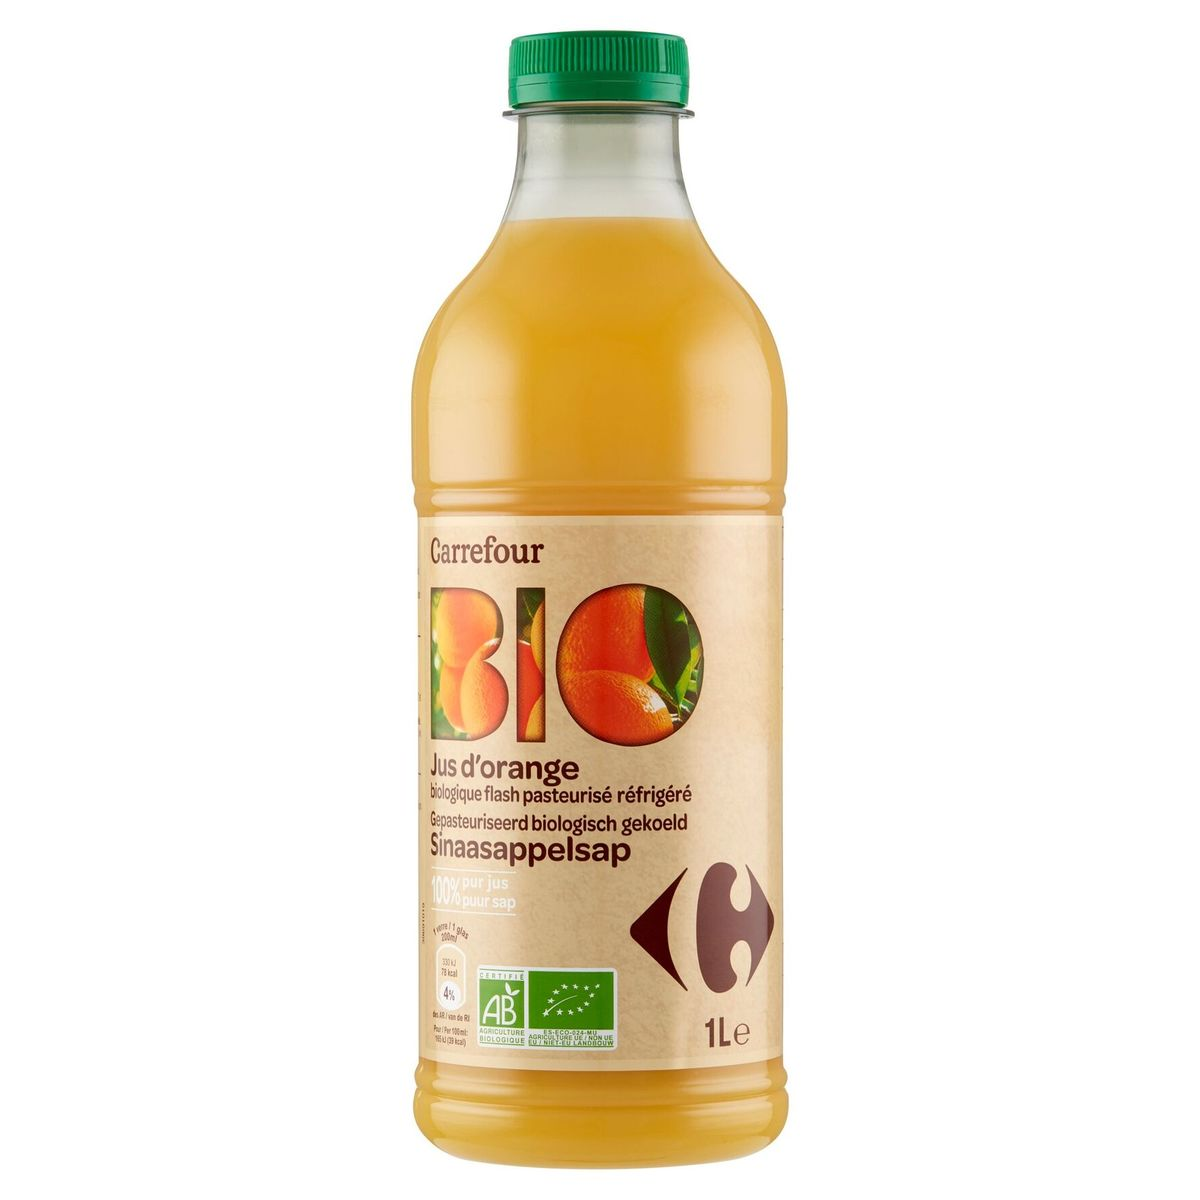 Carrefour Bio Jus d'Orange Biologique Flash Pasteurisé Réfrigéré 1 L